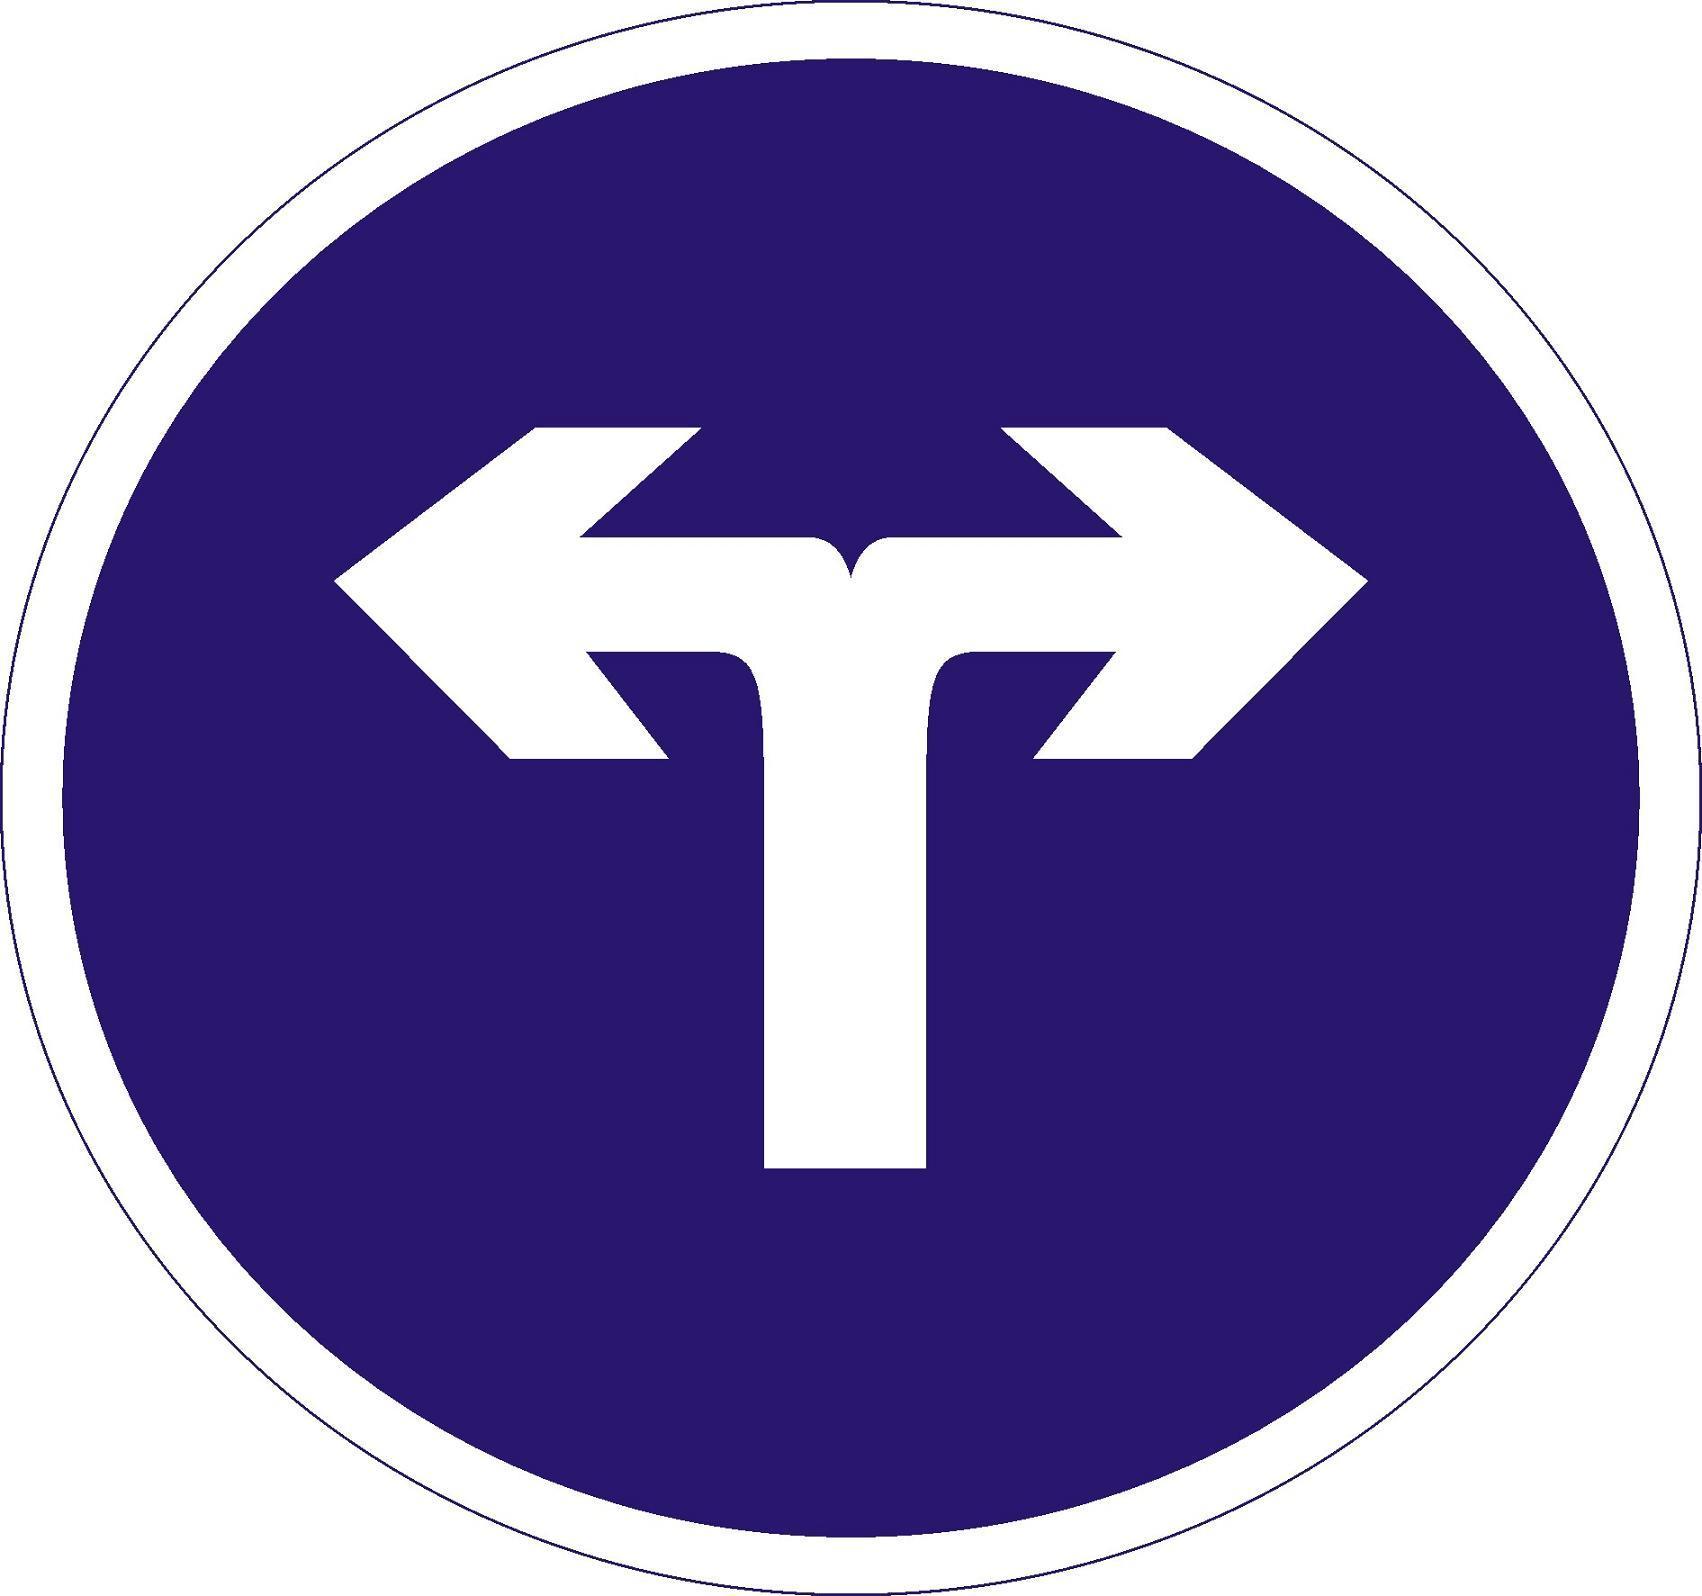 道路交通标志牌分类